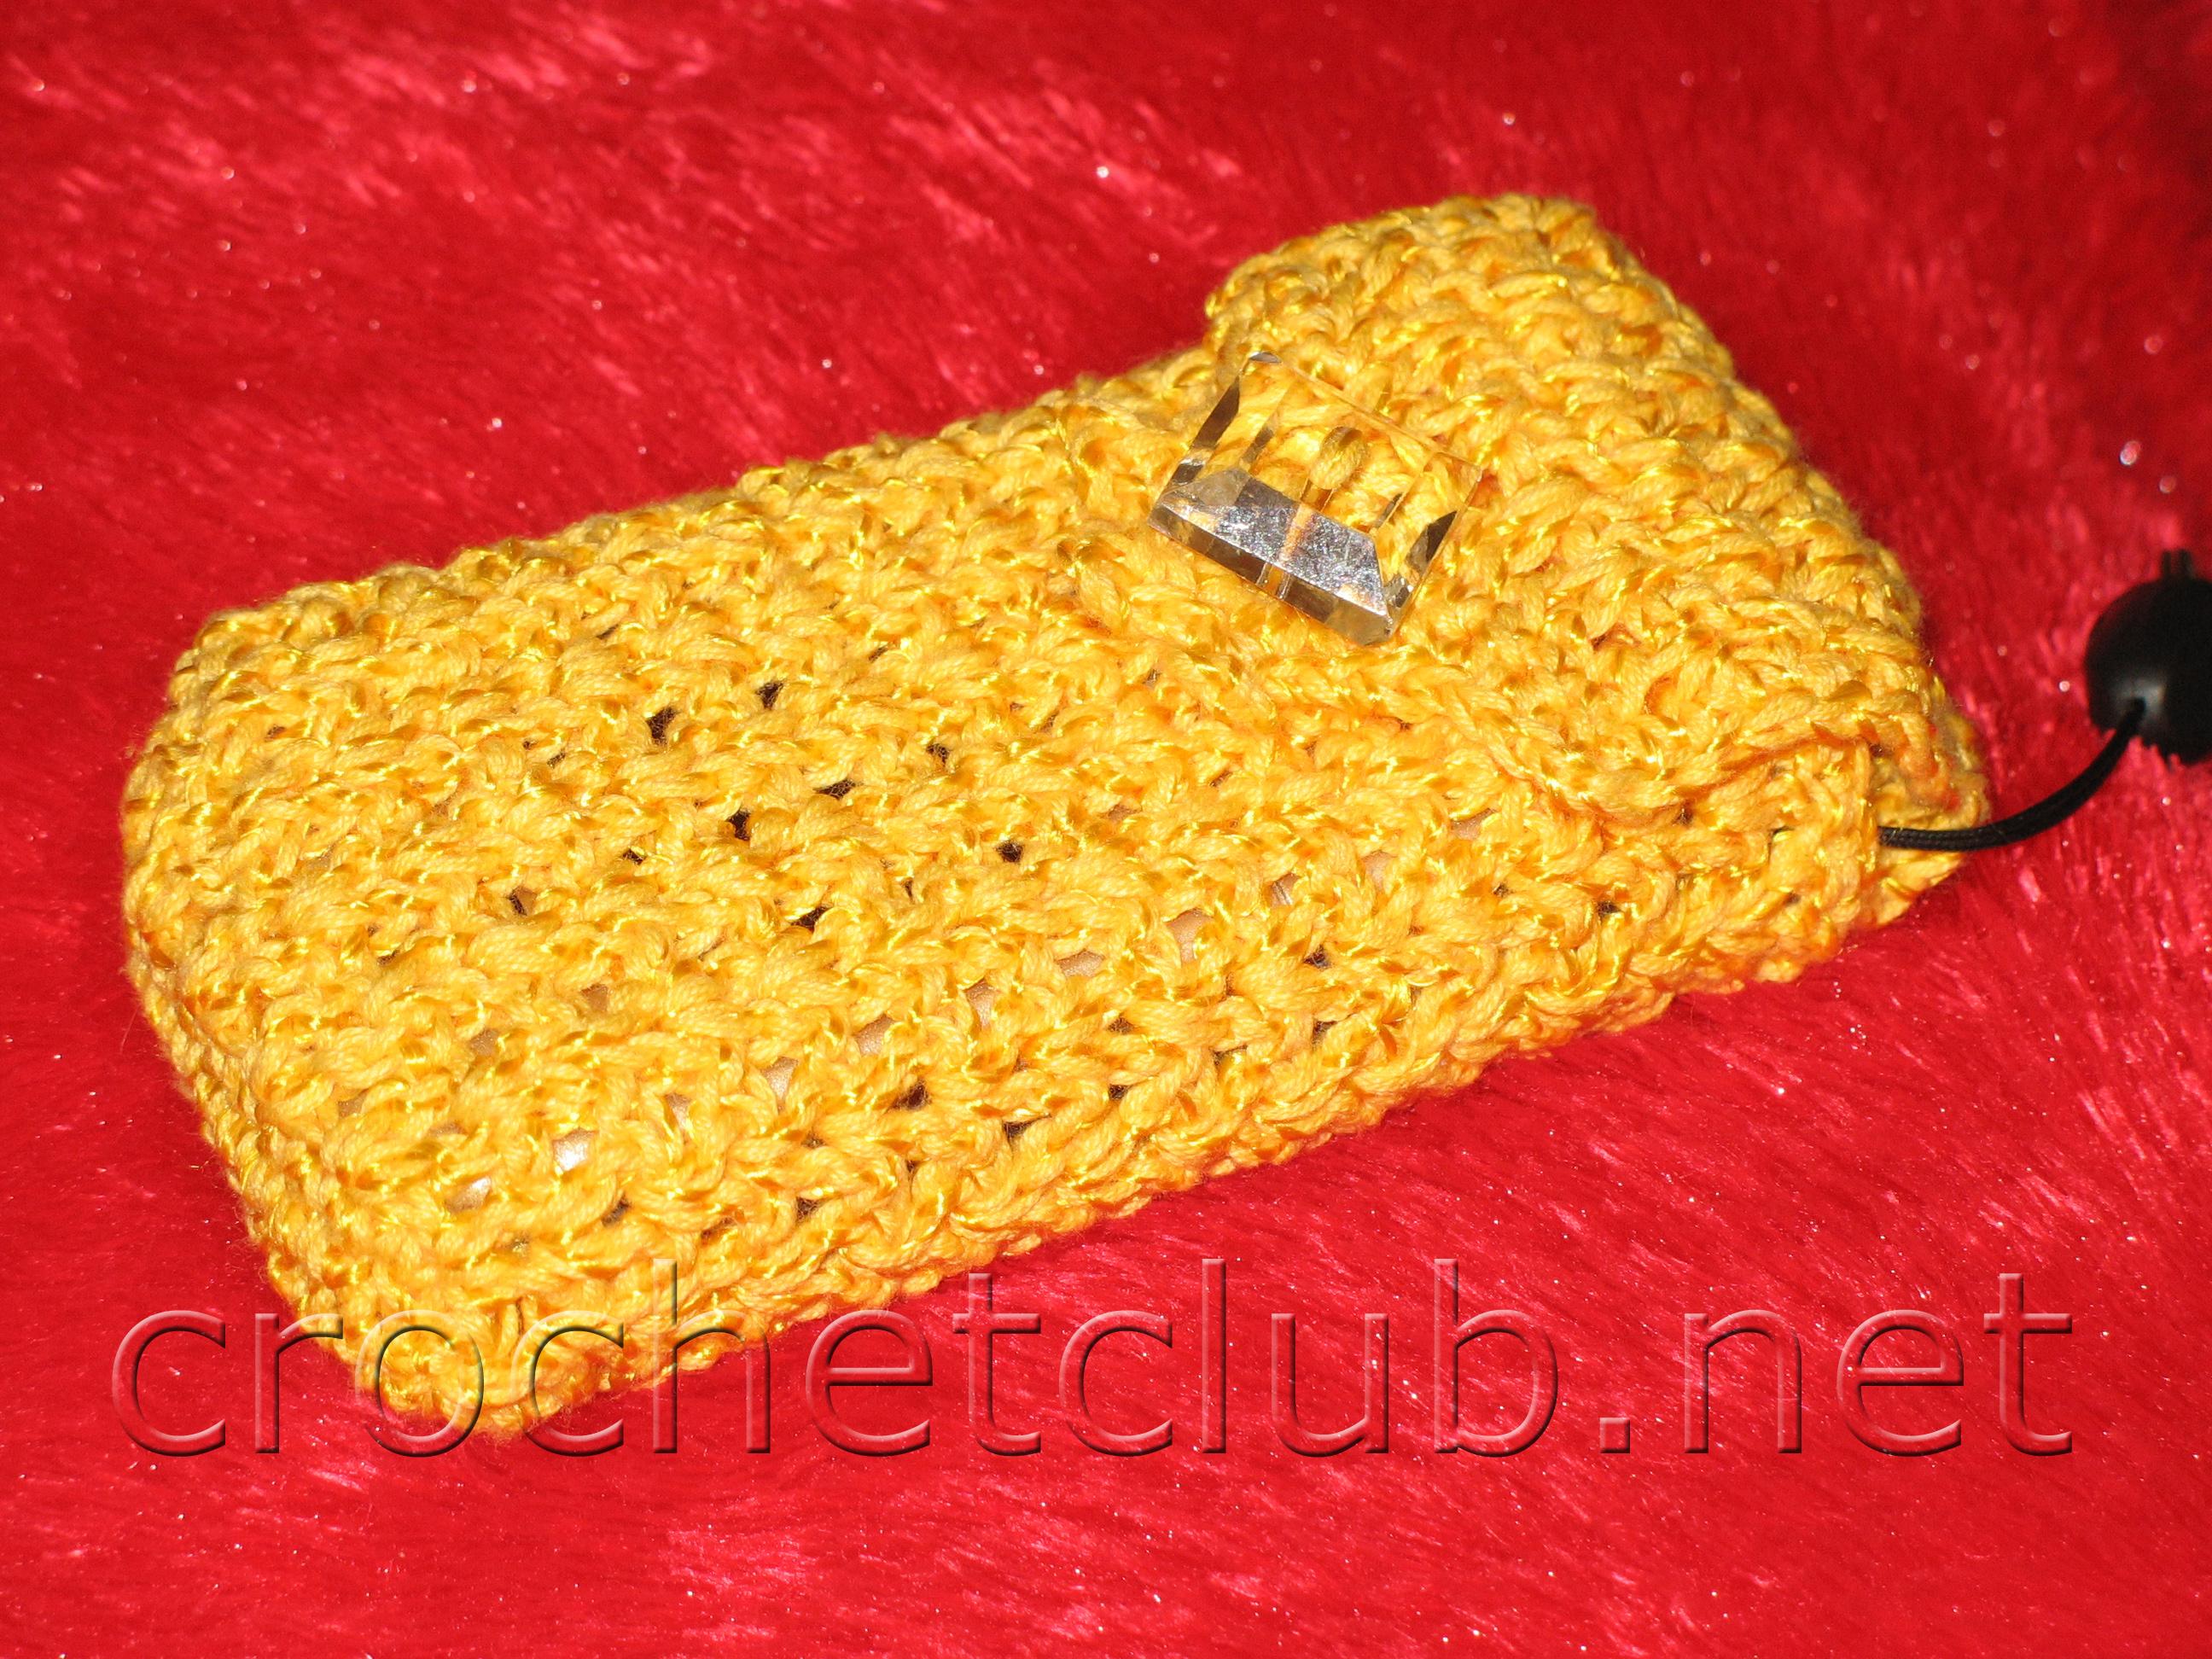 чехол для телефона крючком схемы вязания